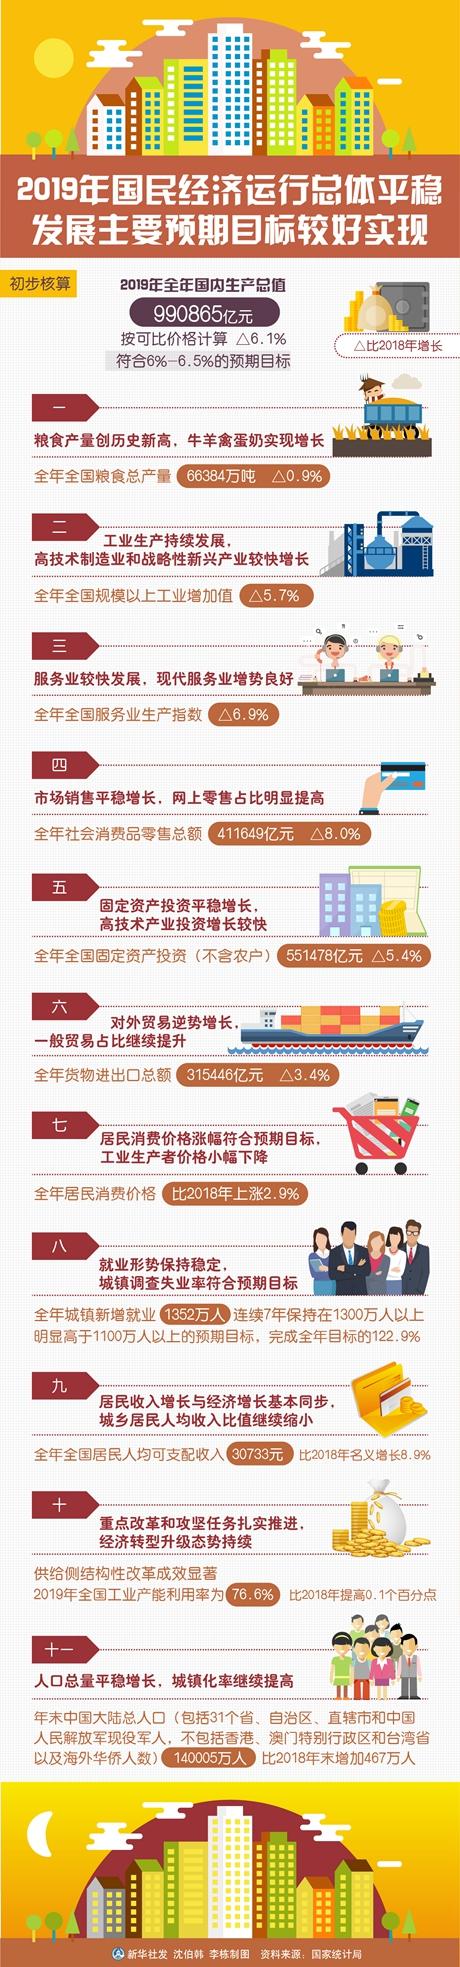 """""""为全面建成小康社会奠定坚实基础——从2019年数据看中国经济发展大势"""